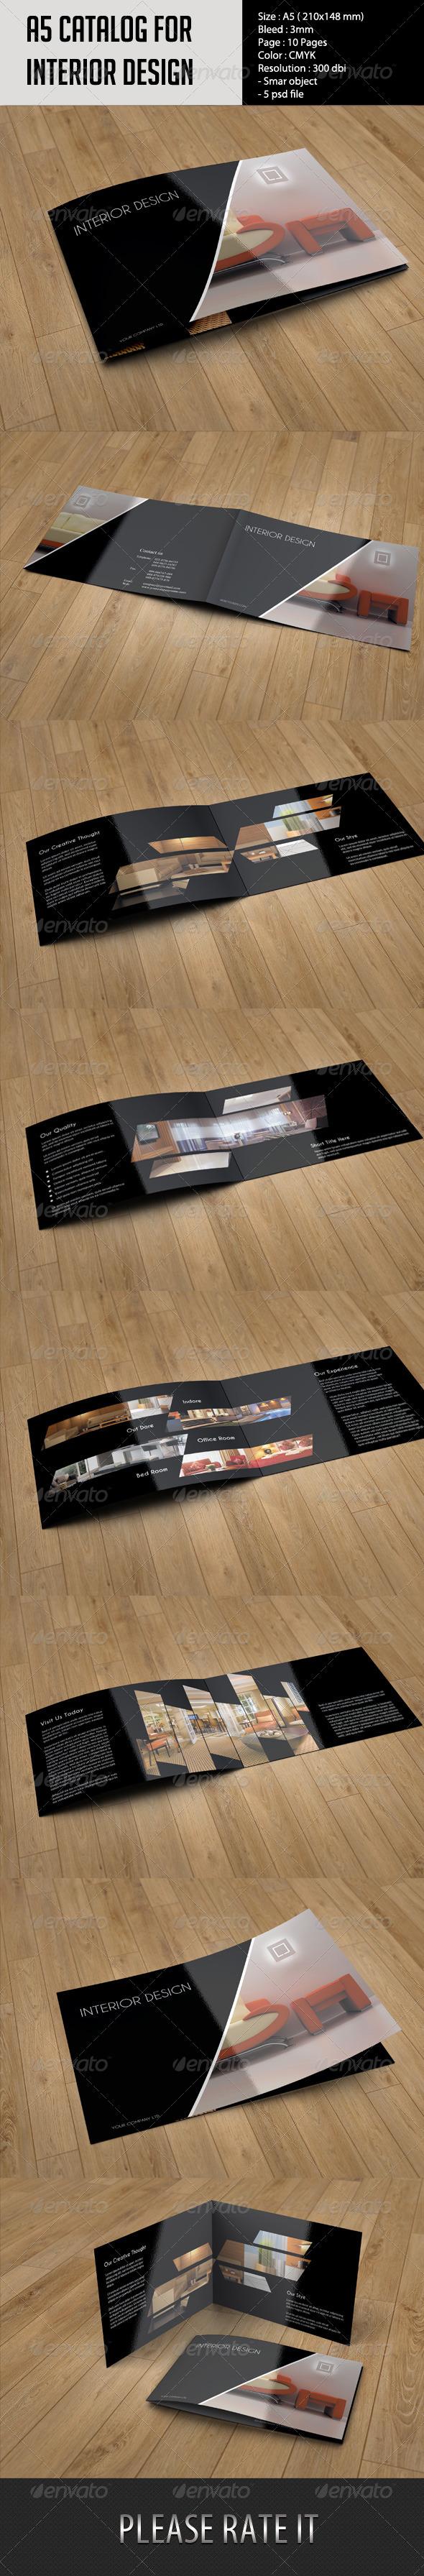 GraphicRiver A5 Catalog- Interior Design 6036204